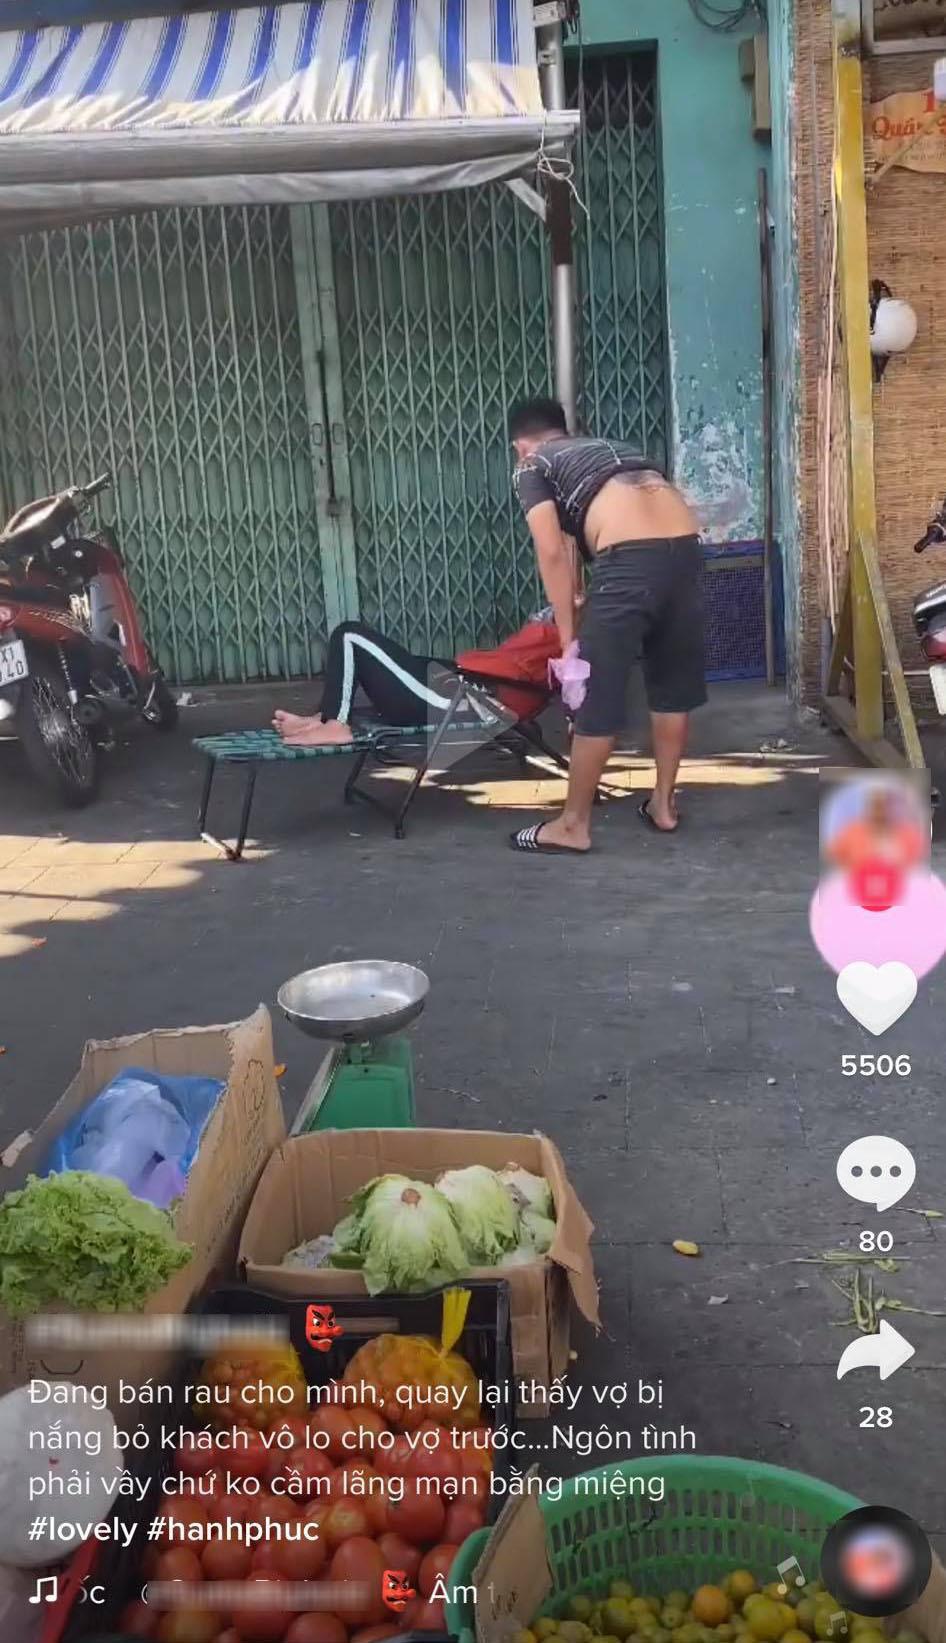 Thấy vợ ngủ bị nắng, chồng đang bán hàng vẫn chạy lại kéo vào chỗ râm - ảnh 1